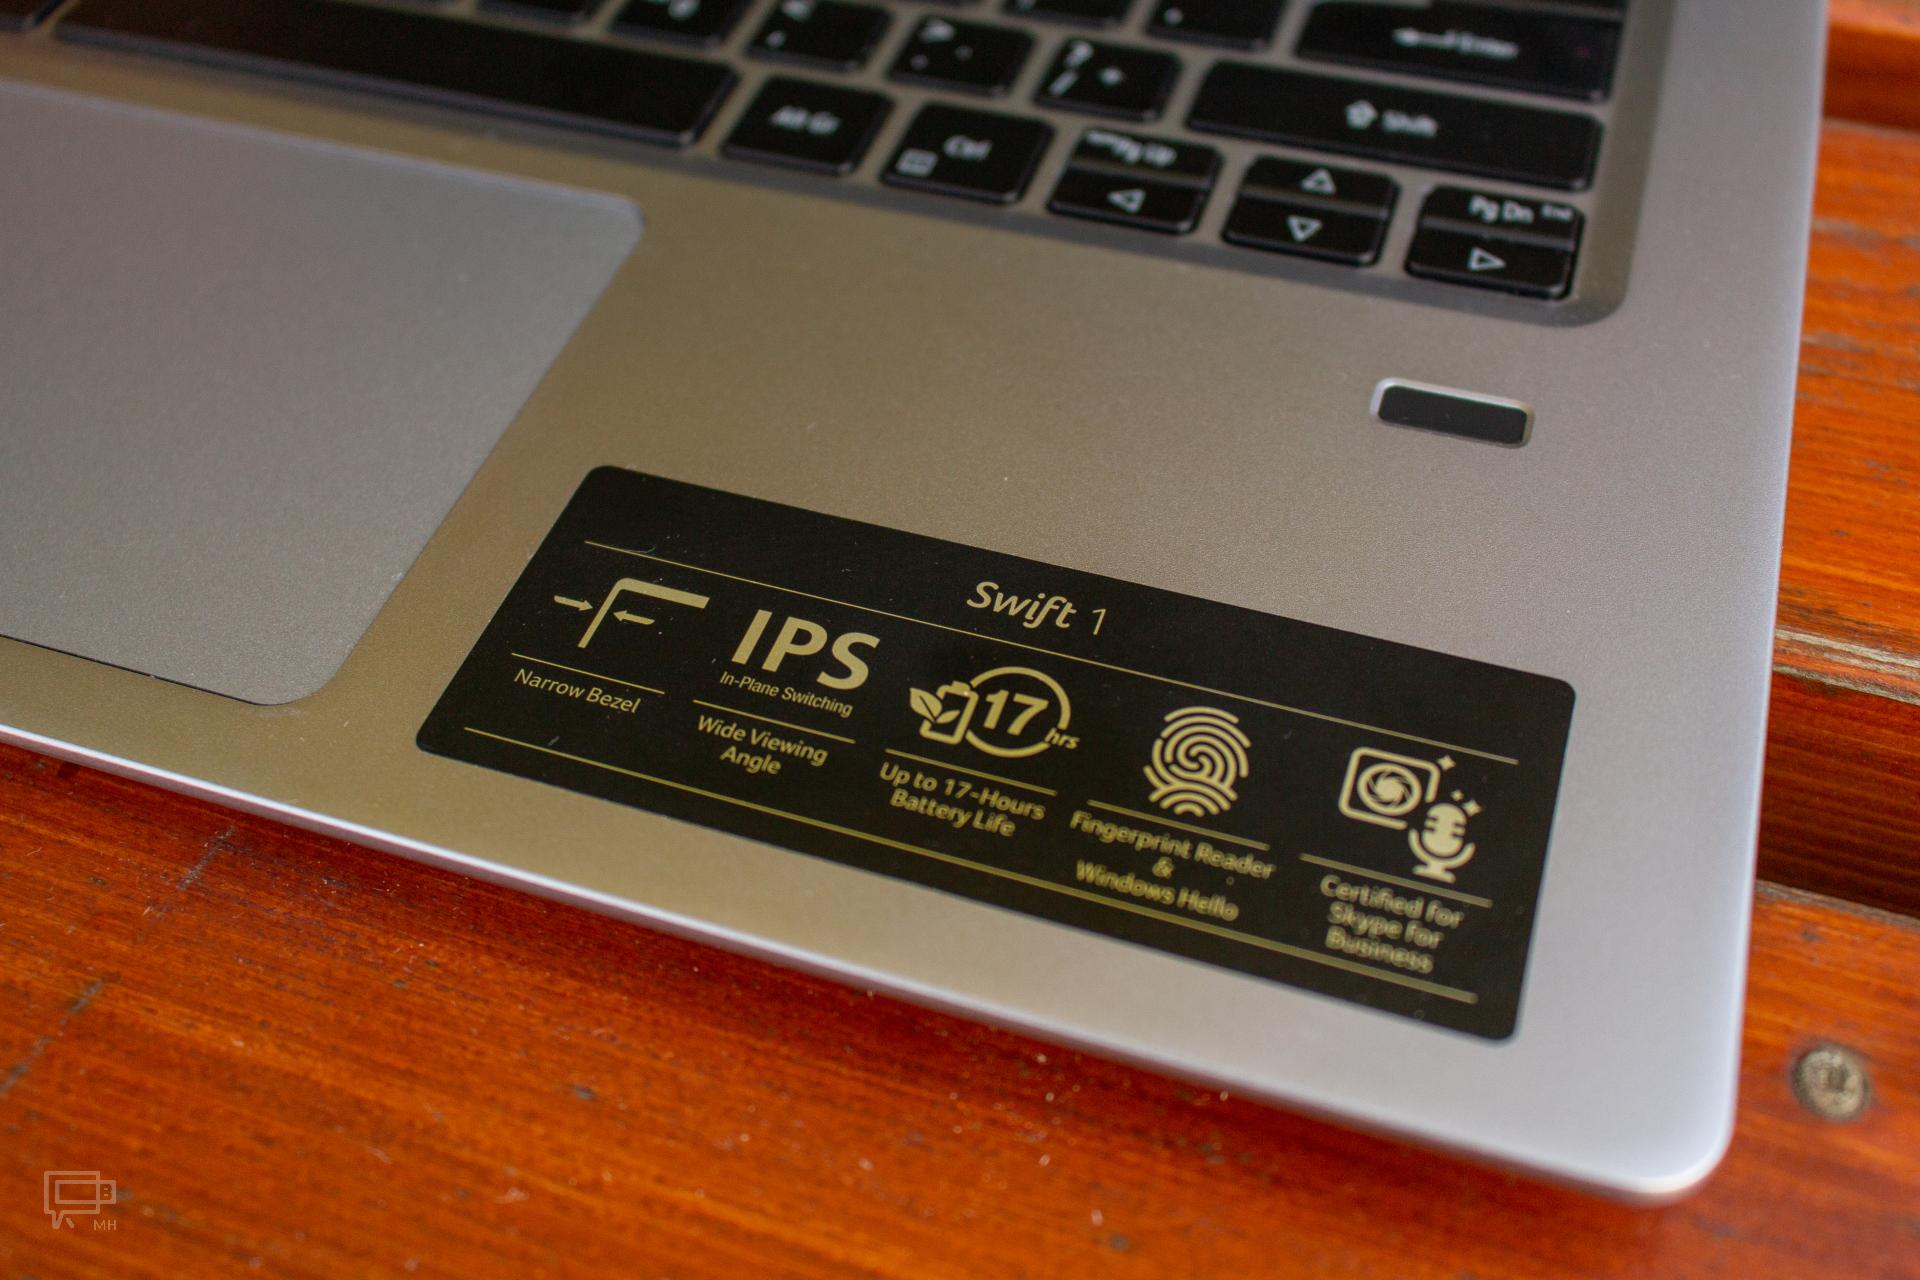 Acer Swift 1 czytnik linii papiarnych